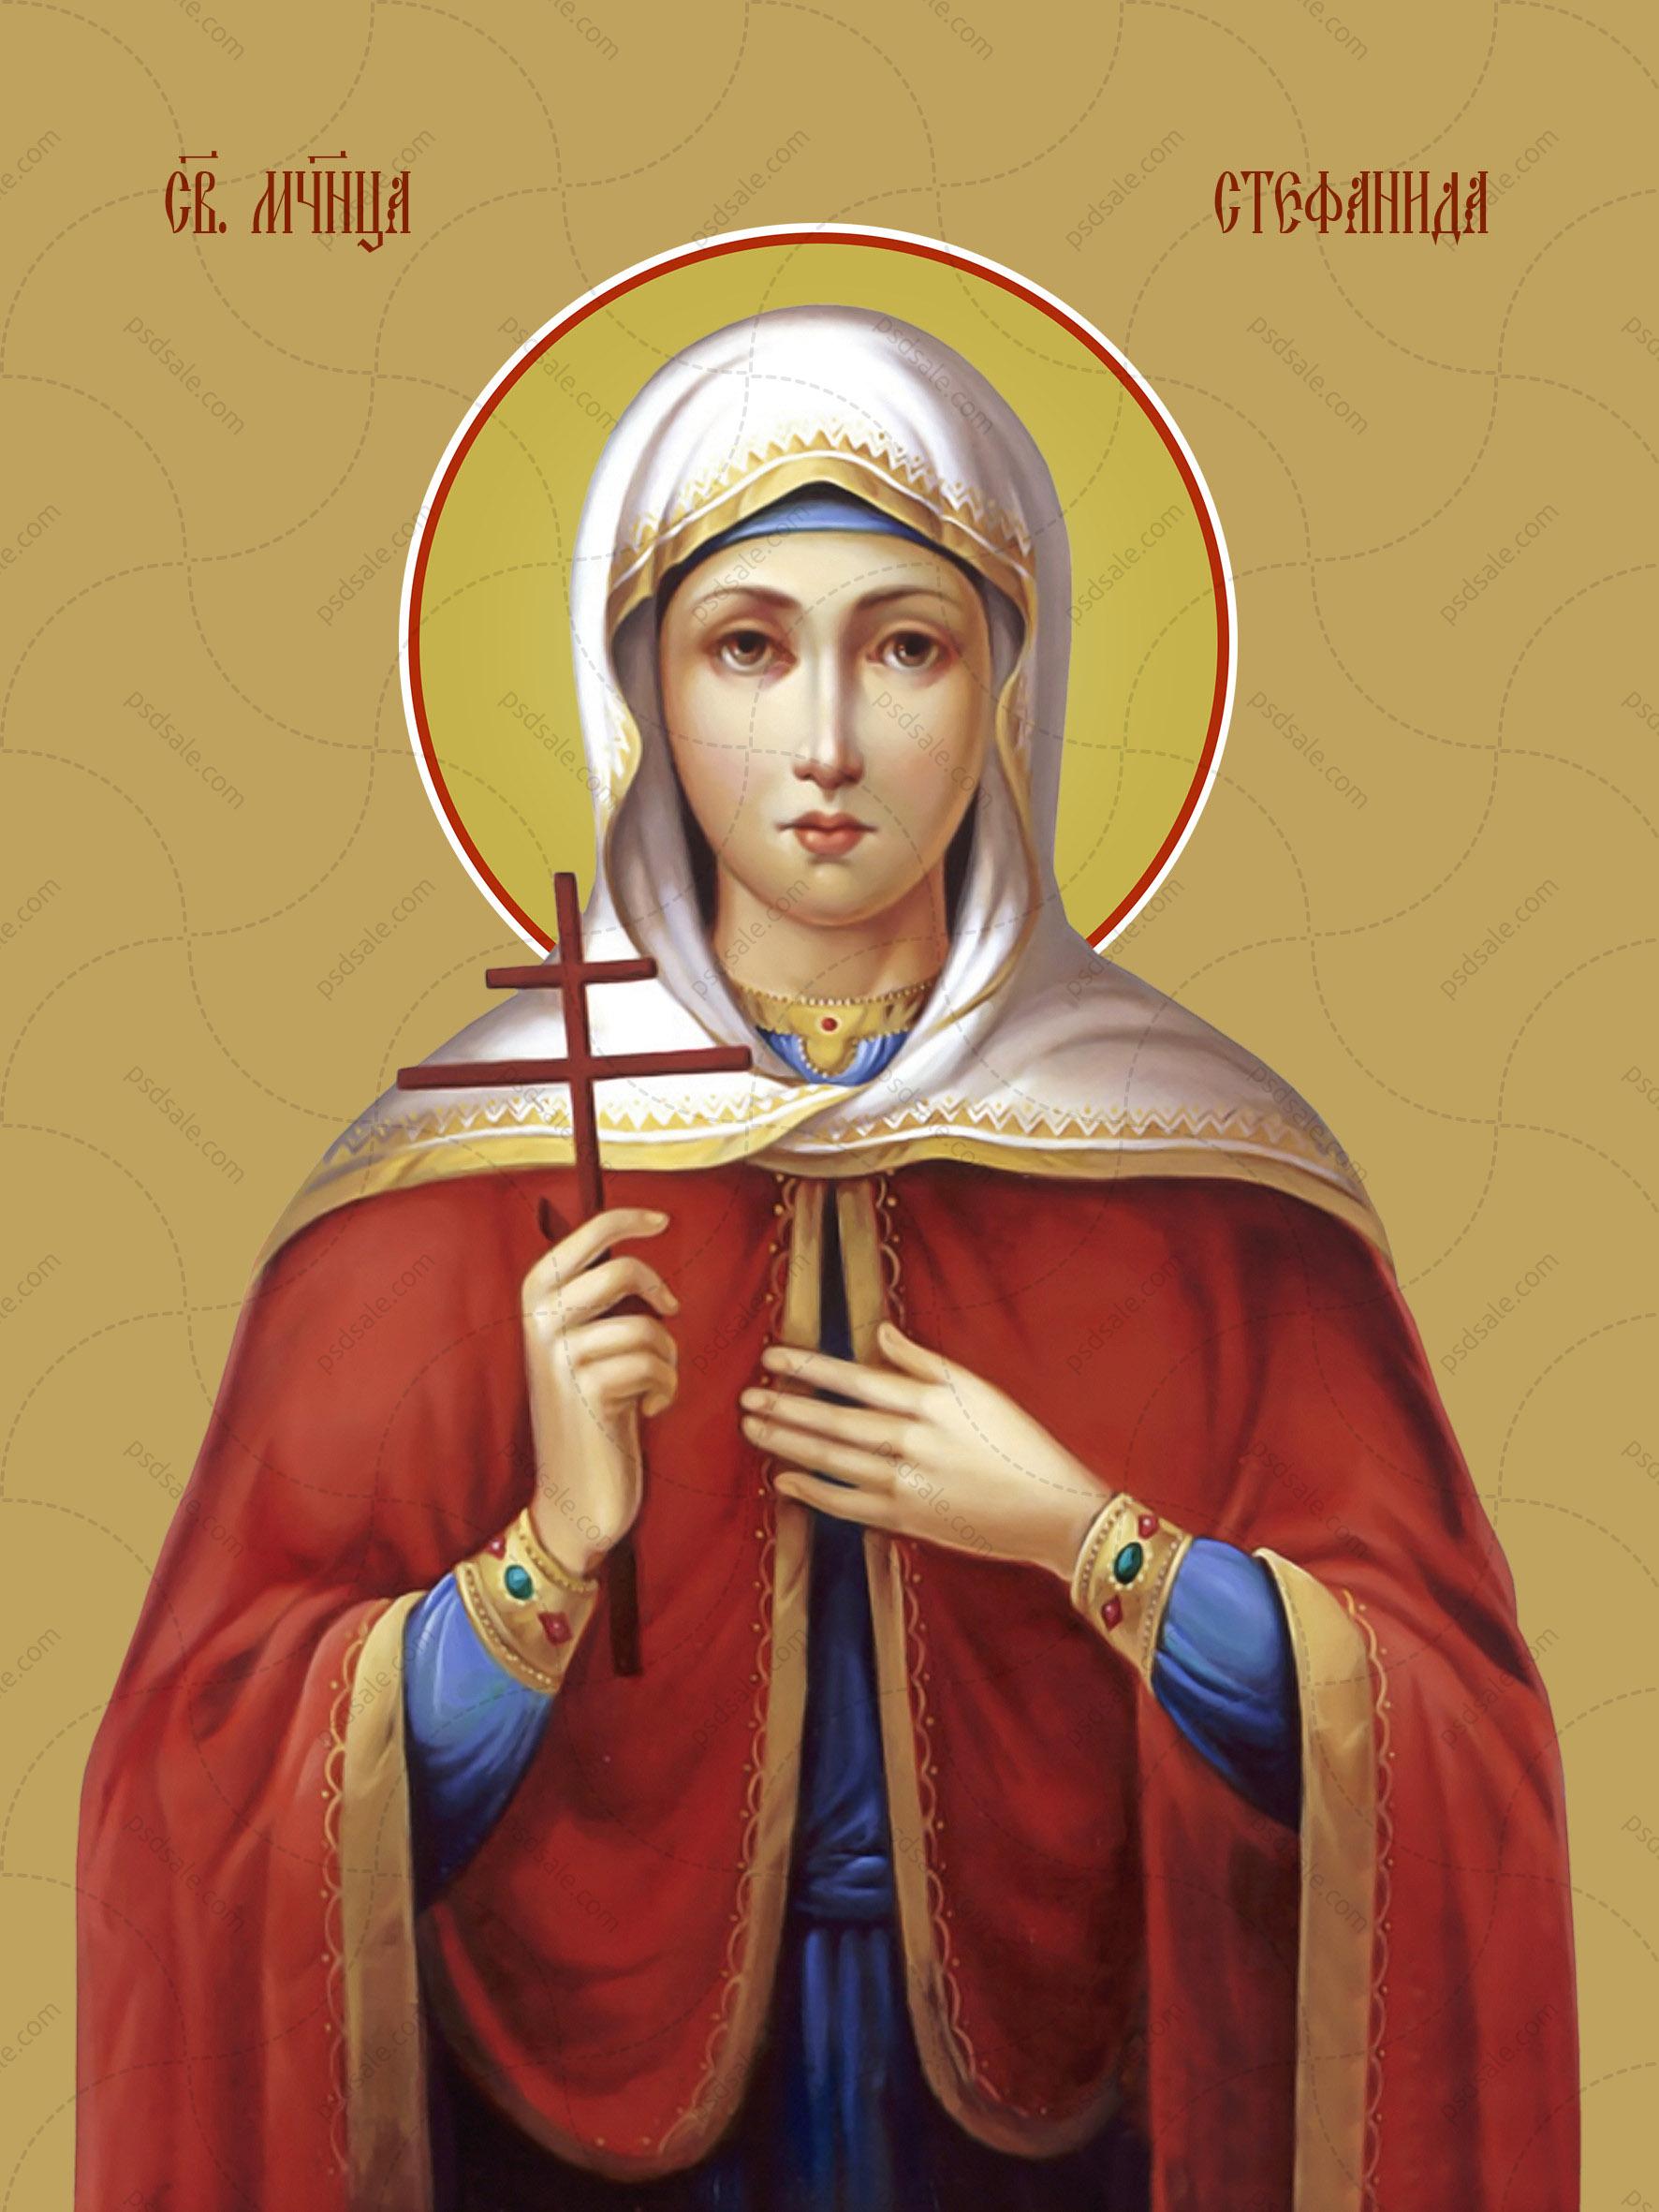 Стефанида Дамасская, мученица